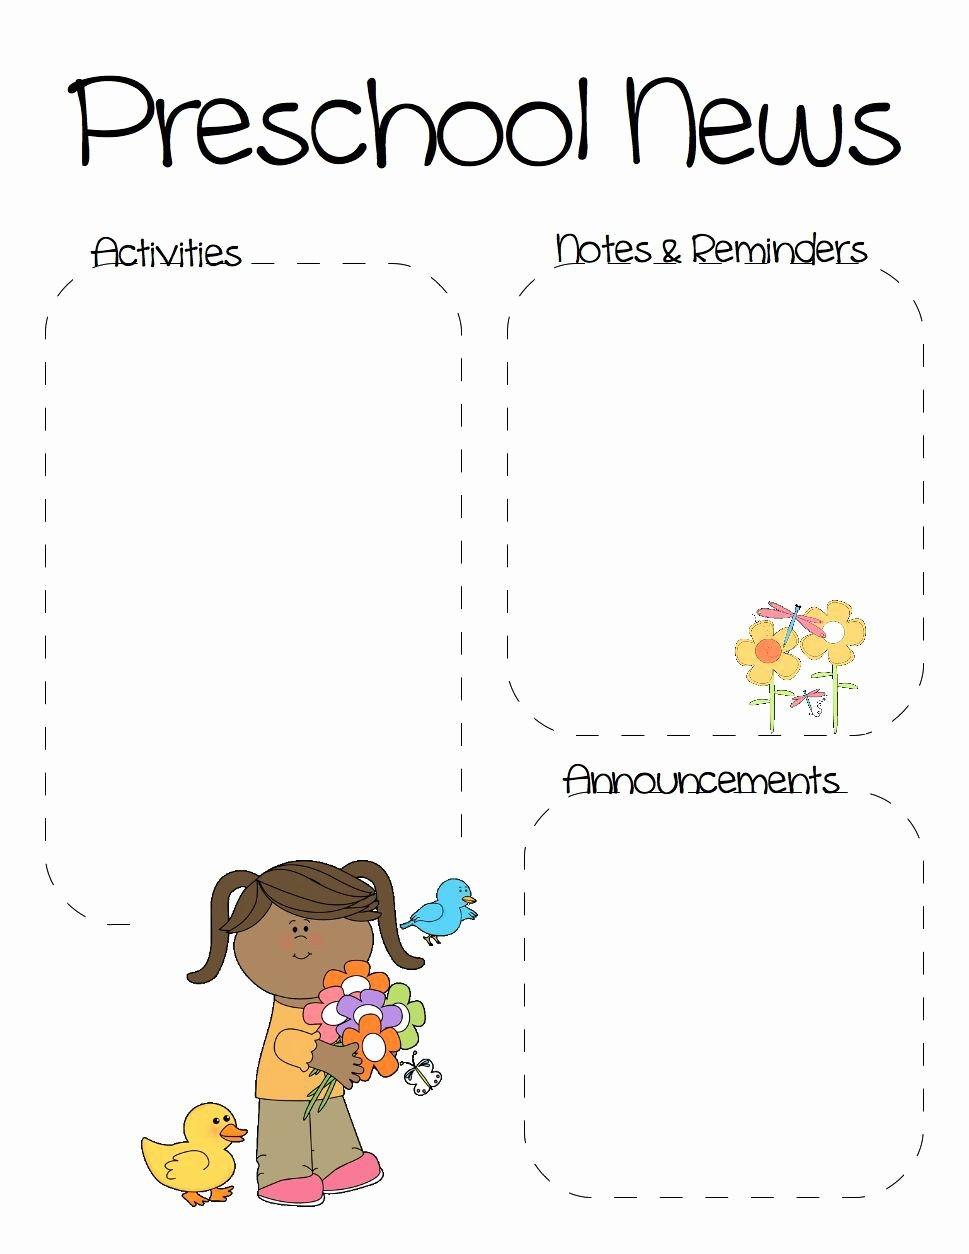 Free Kindergarten Newsletter Template Inspirational Spring Preschool Newsletter Template